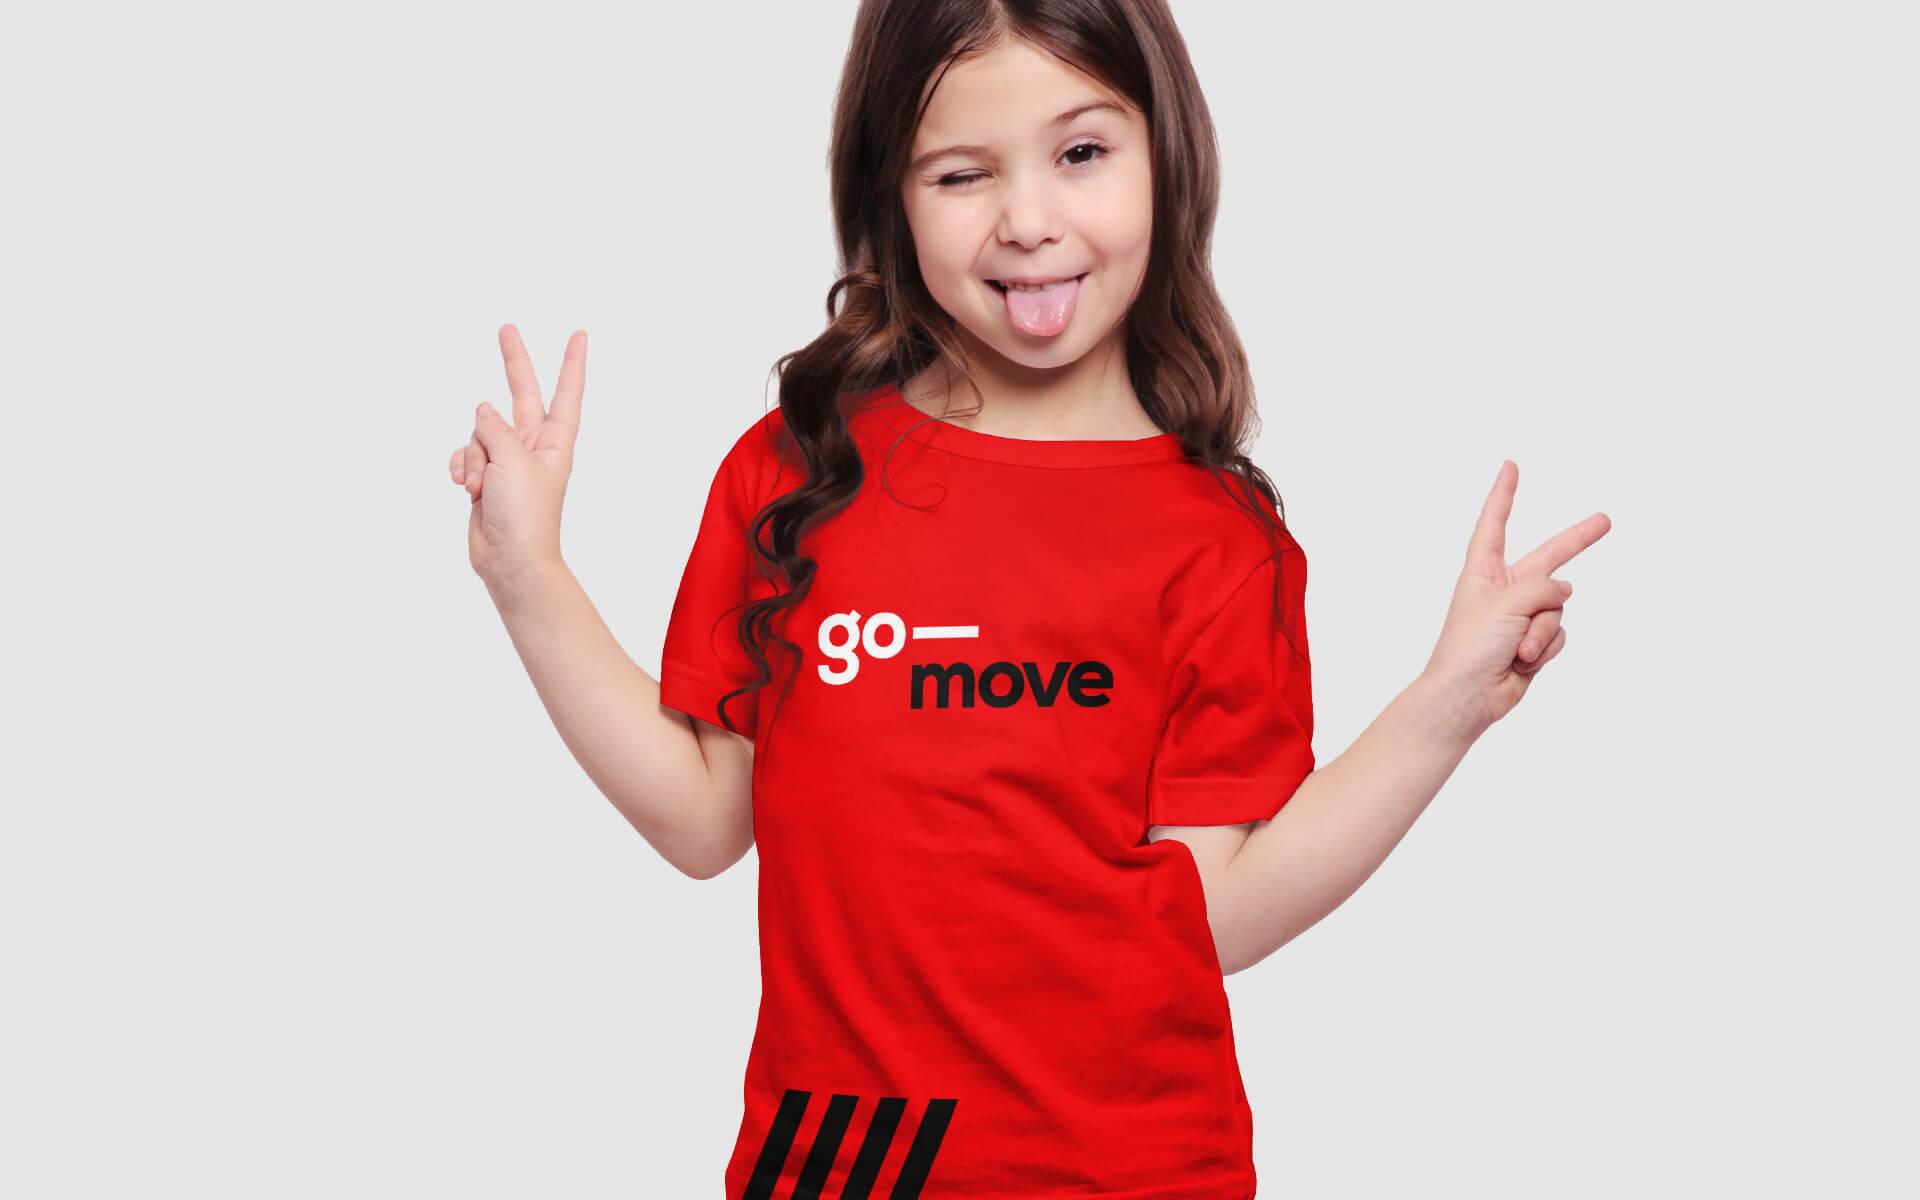 go move tshirt